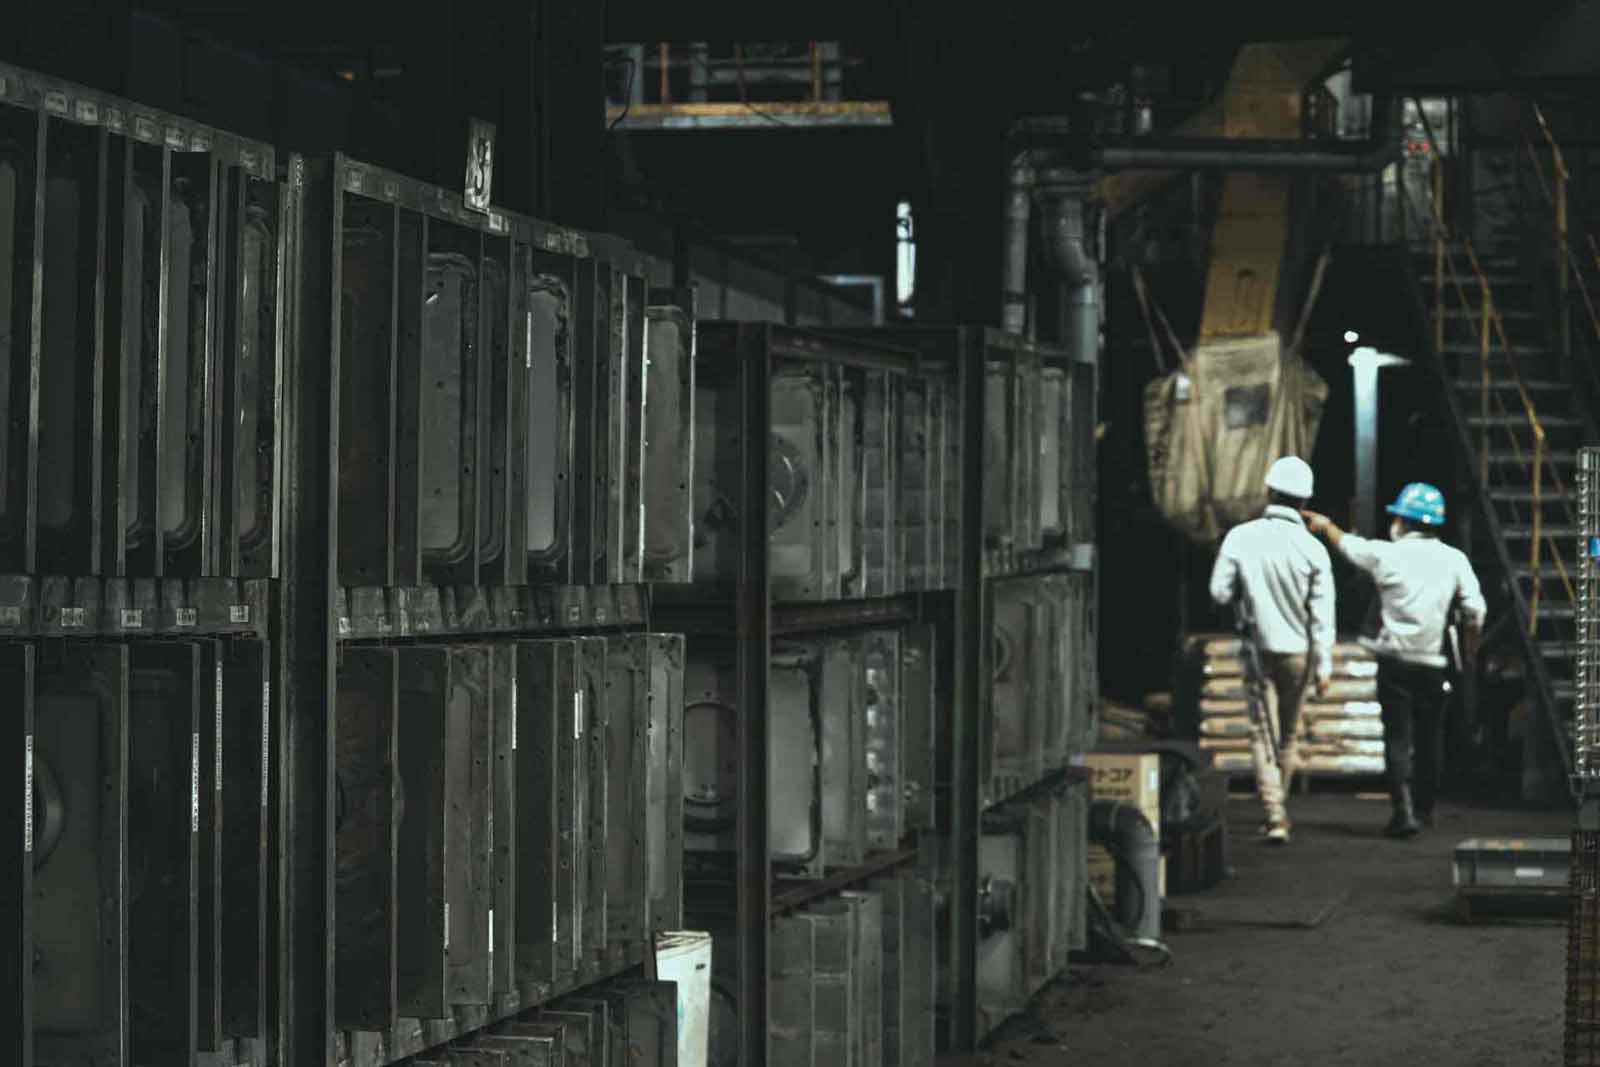 鋳物製造ヘッダー画像4